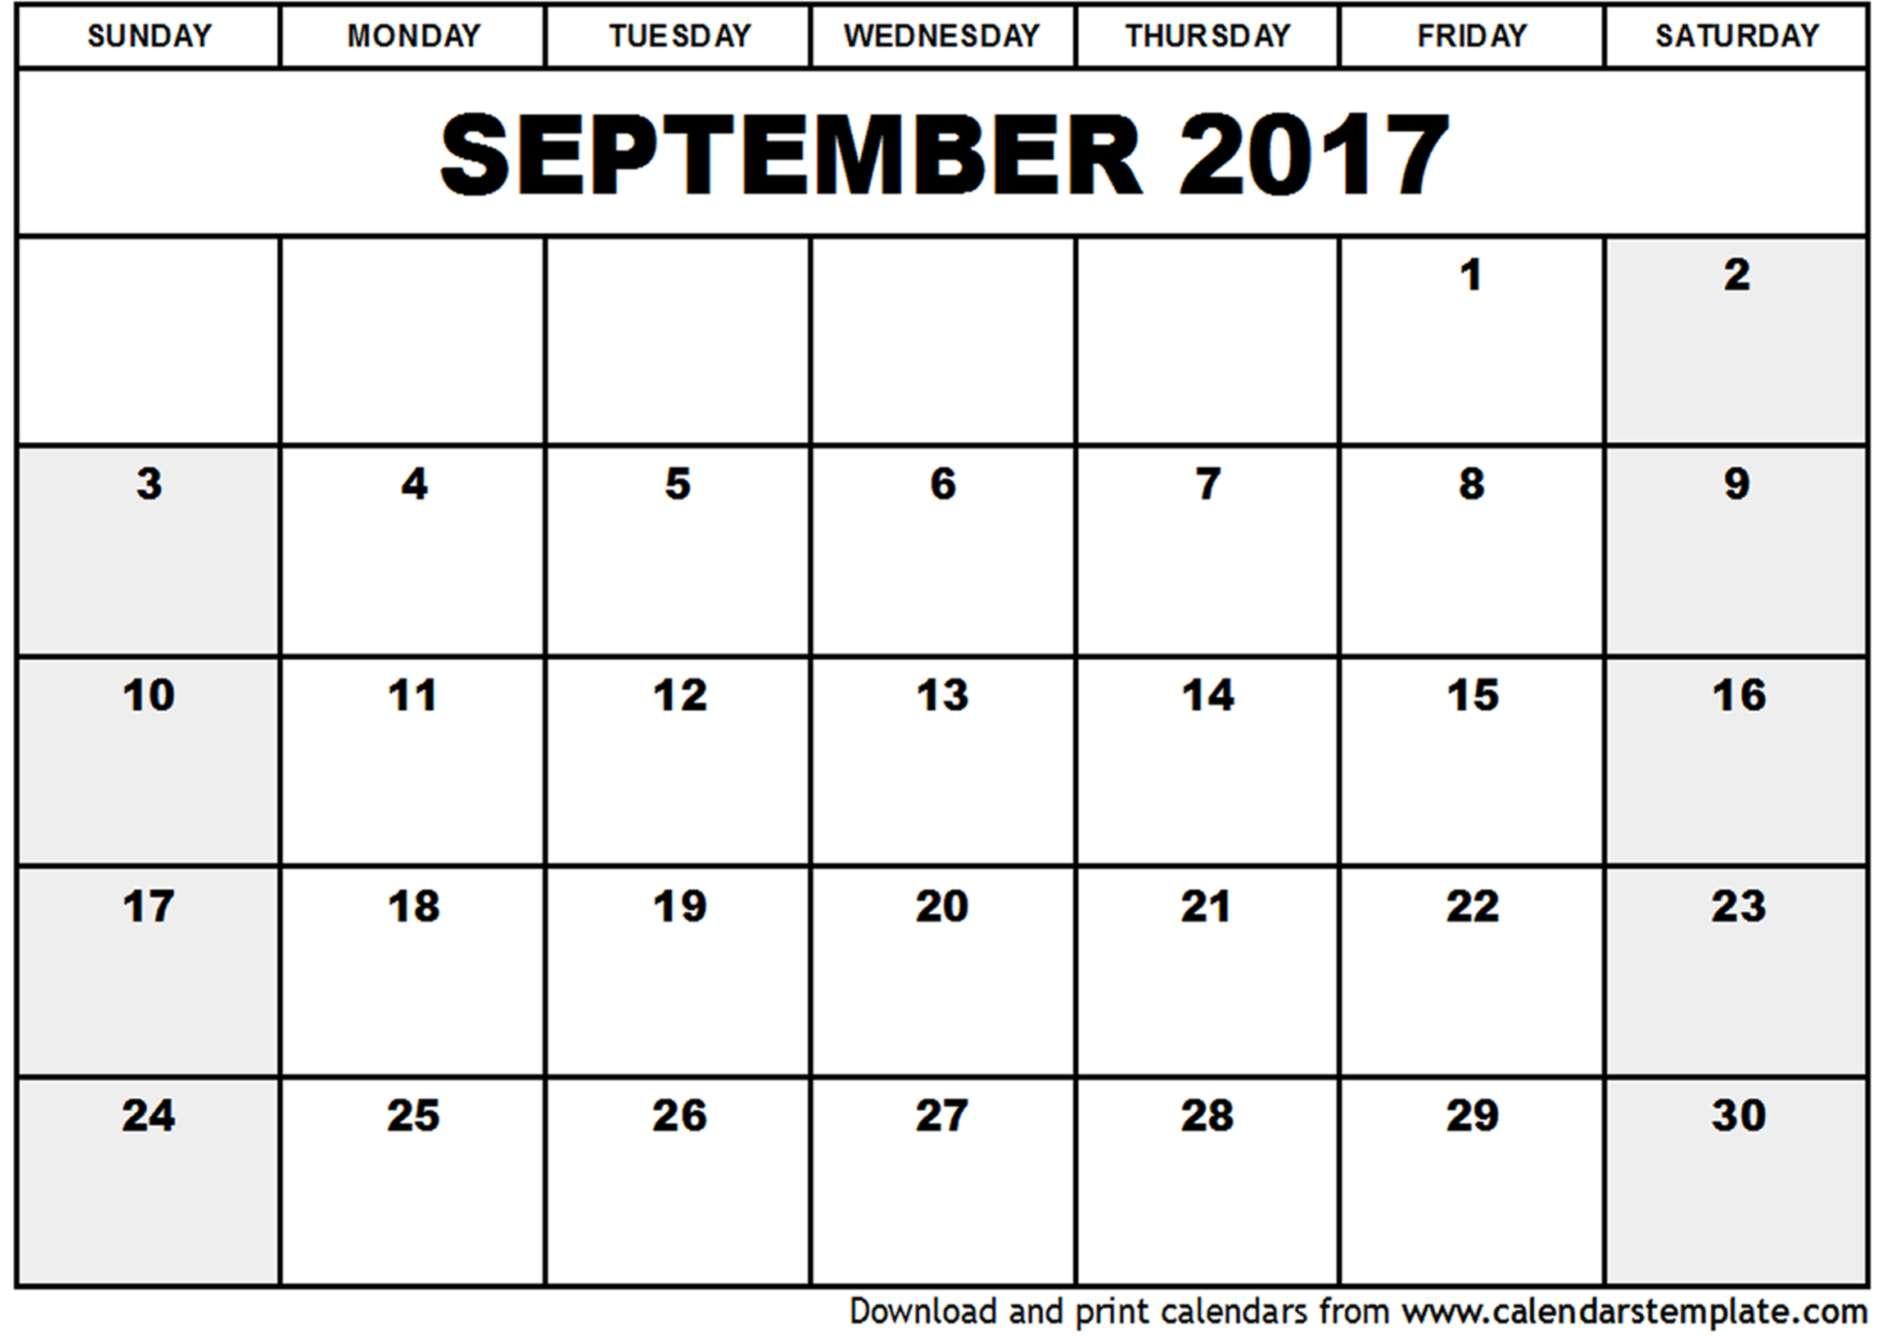 September 2017 Calendar Template